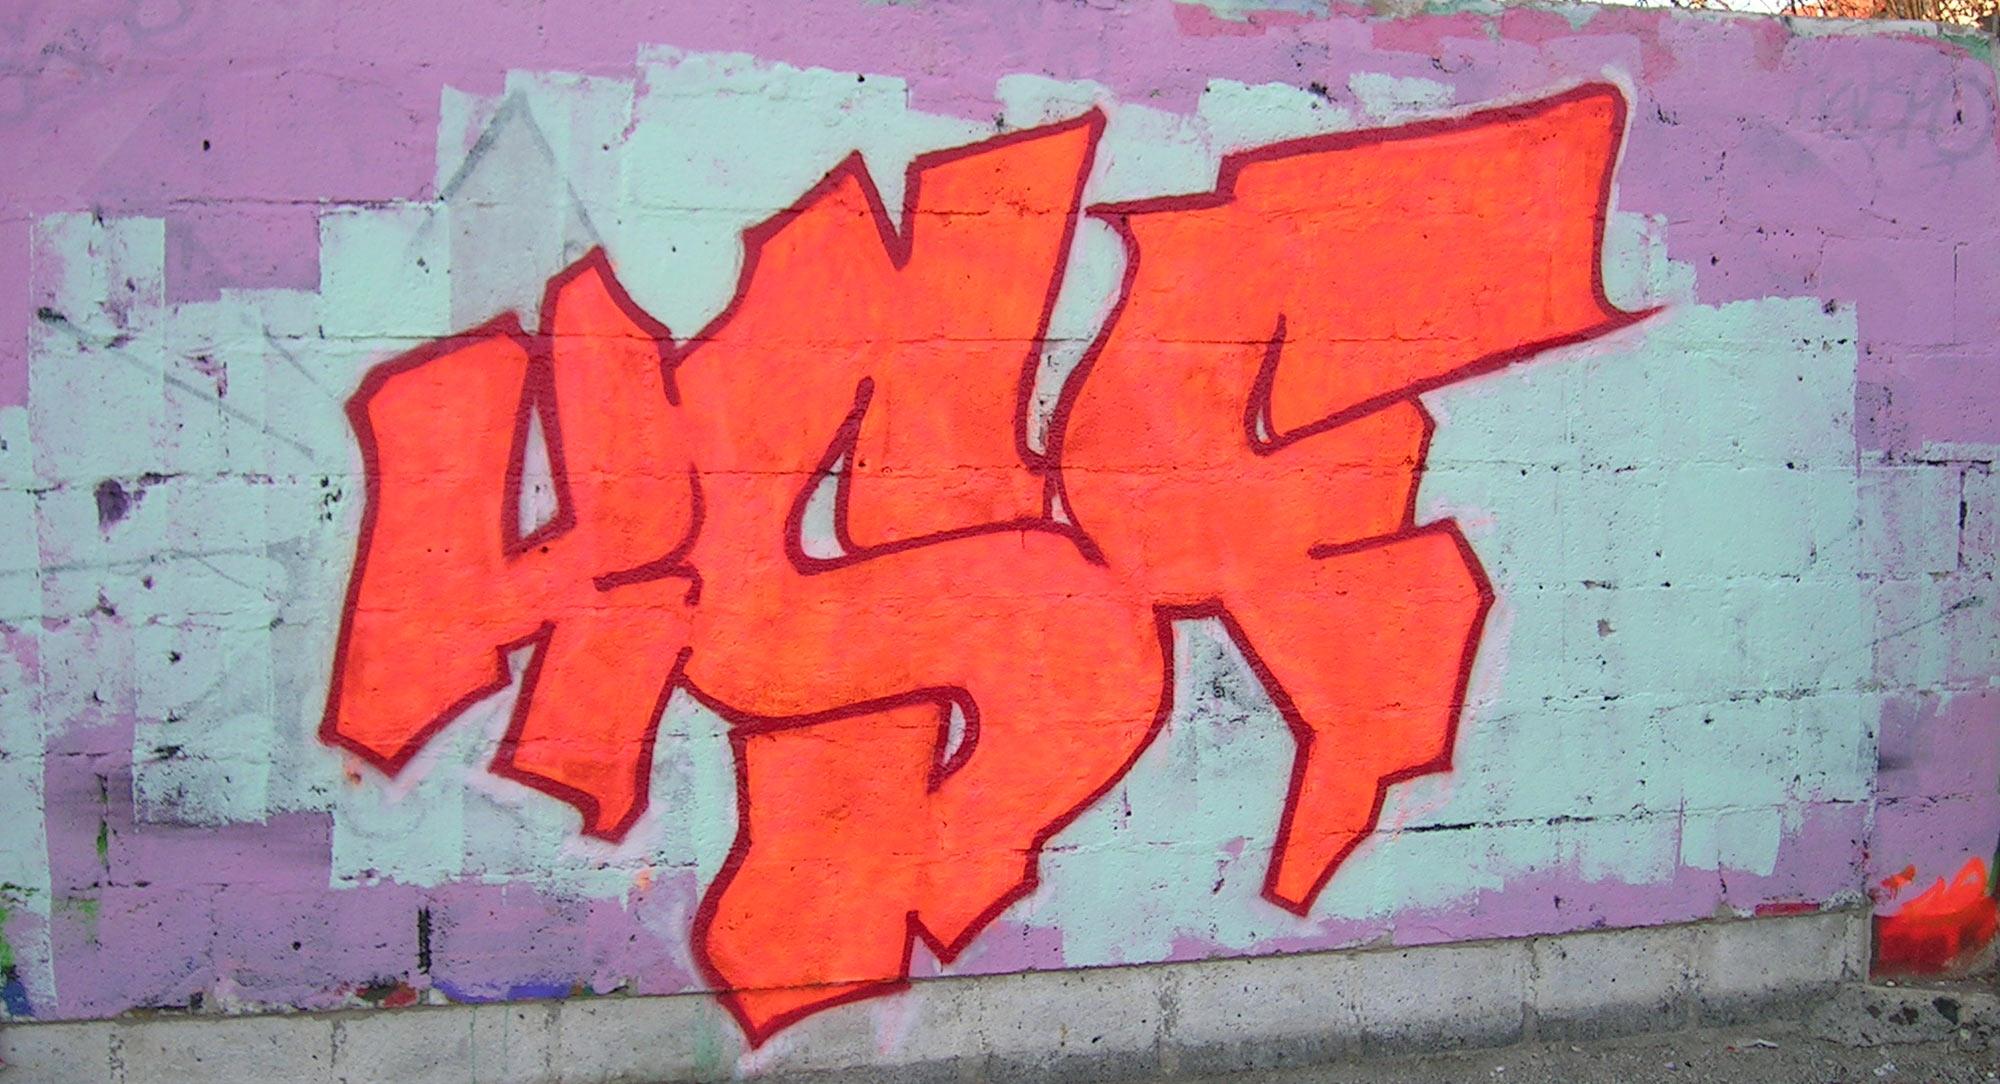 KSF - Graffiti - Brad Tout - Riom